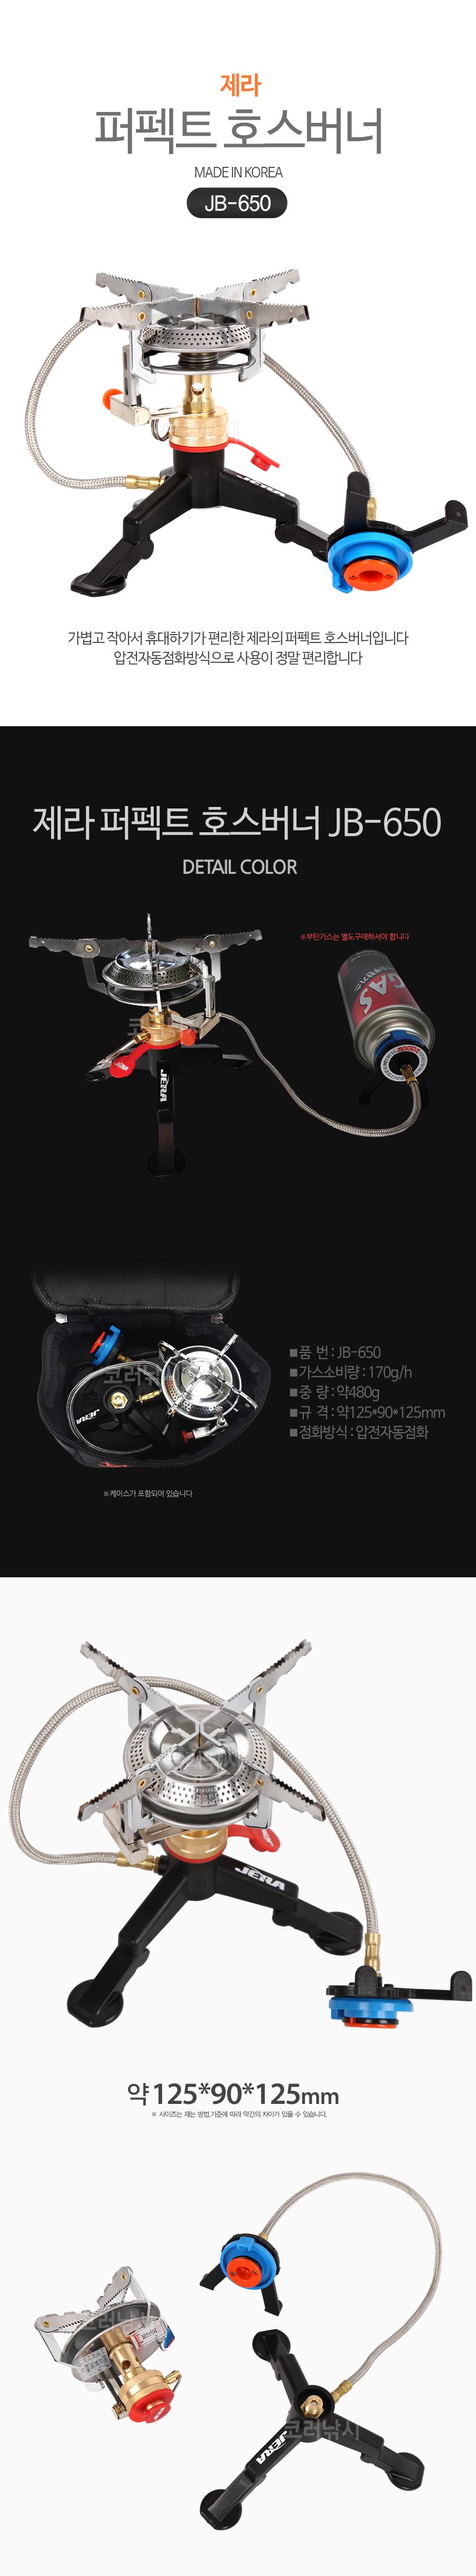 제라 퍼펙트 호스버너 JB-650 (MADE IN KOREA) 버너 가스버너 호스버너 가스호스버너 휴대용버너 호스가스버너